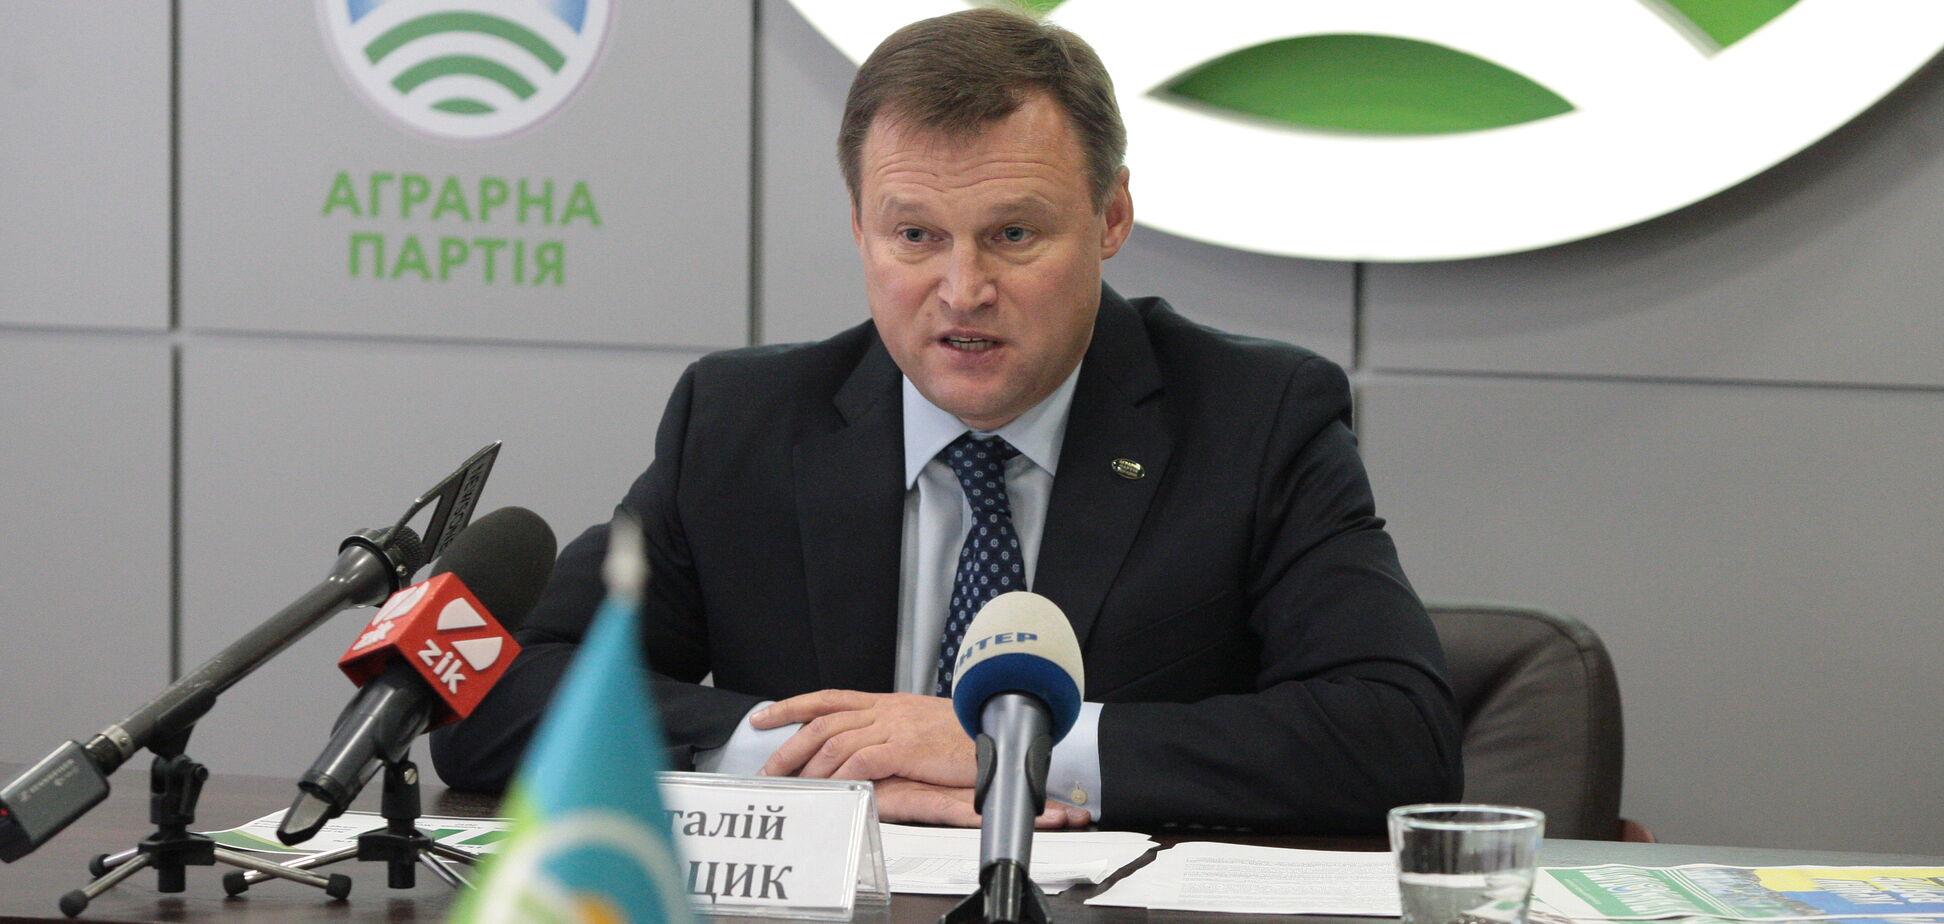 Аграрная партия лидирует на выборах в ОТГ - Виталий Скоцик